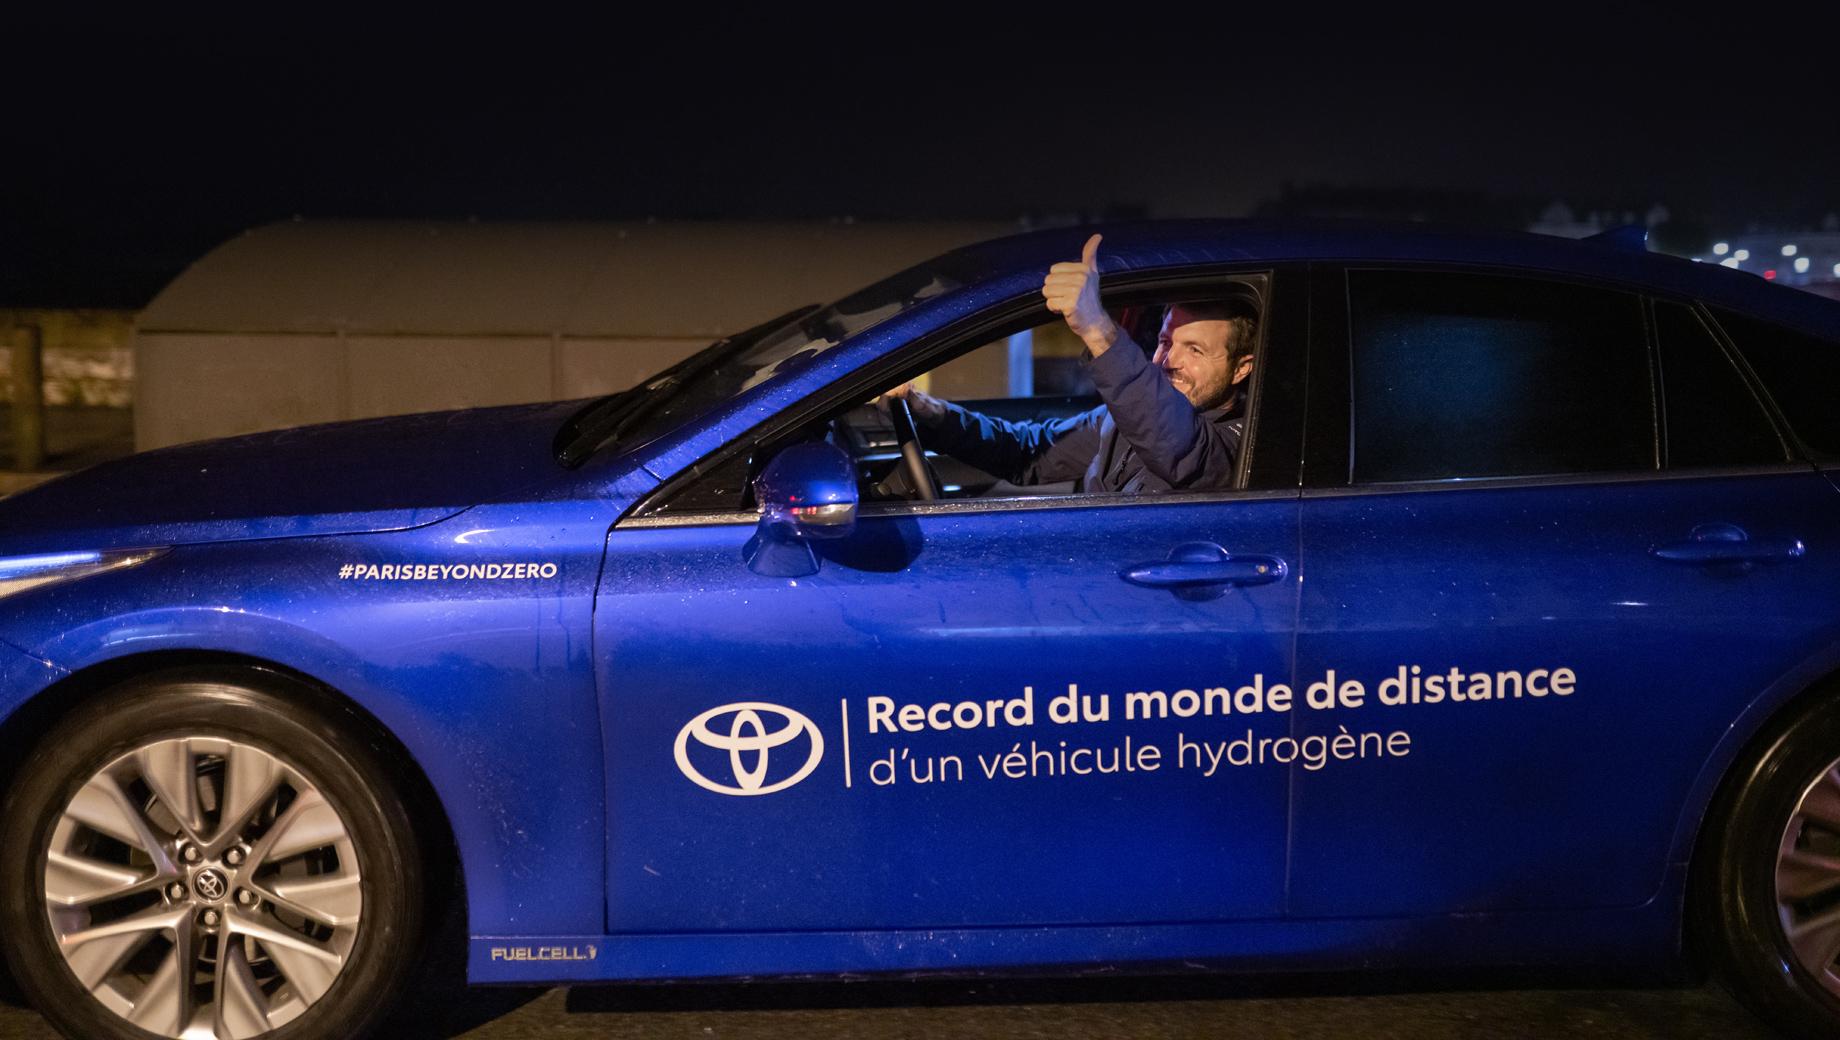 Toyota mirai. Баллоны Mirai вмещают 5,6 кг водорода. К слову, литиево-ионный аккумулятор у машины также есть, но он маленький (1,24 кВт•ч) и играет только роль промежуточного буфера для сглаживания нагрузки на топливные элементы и запасания энергии при рекуперации на торможении.